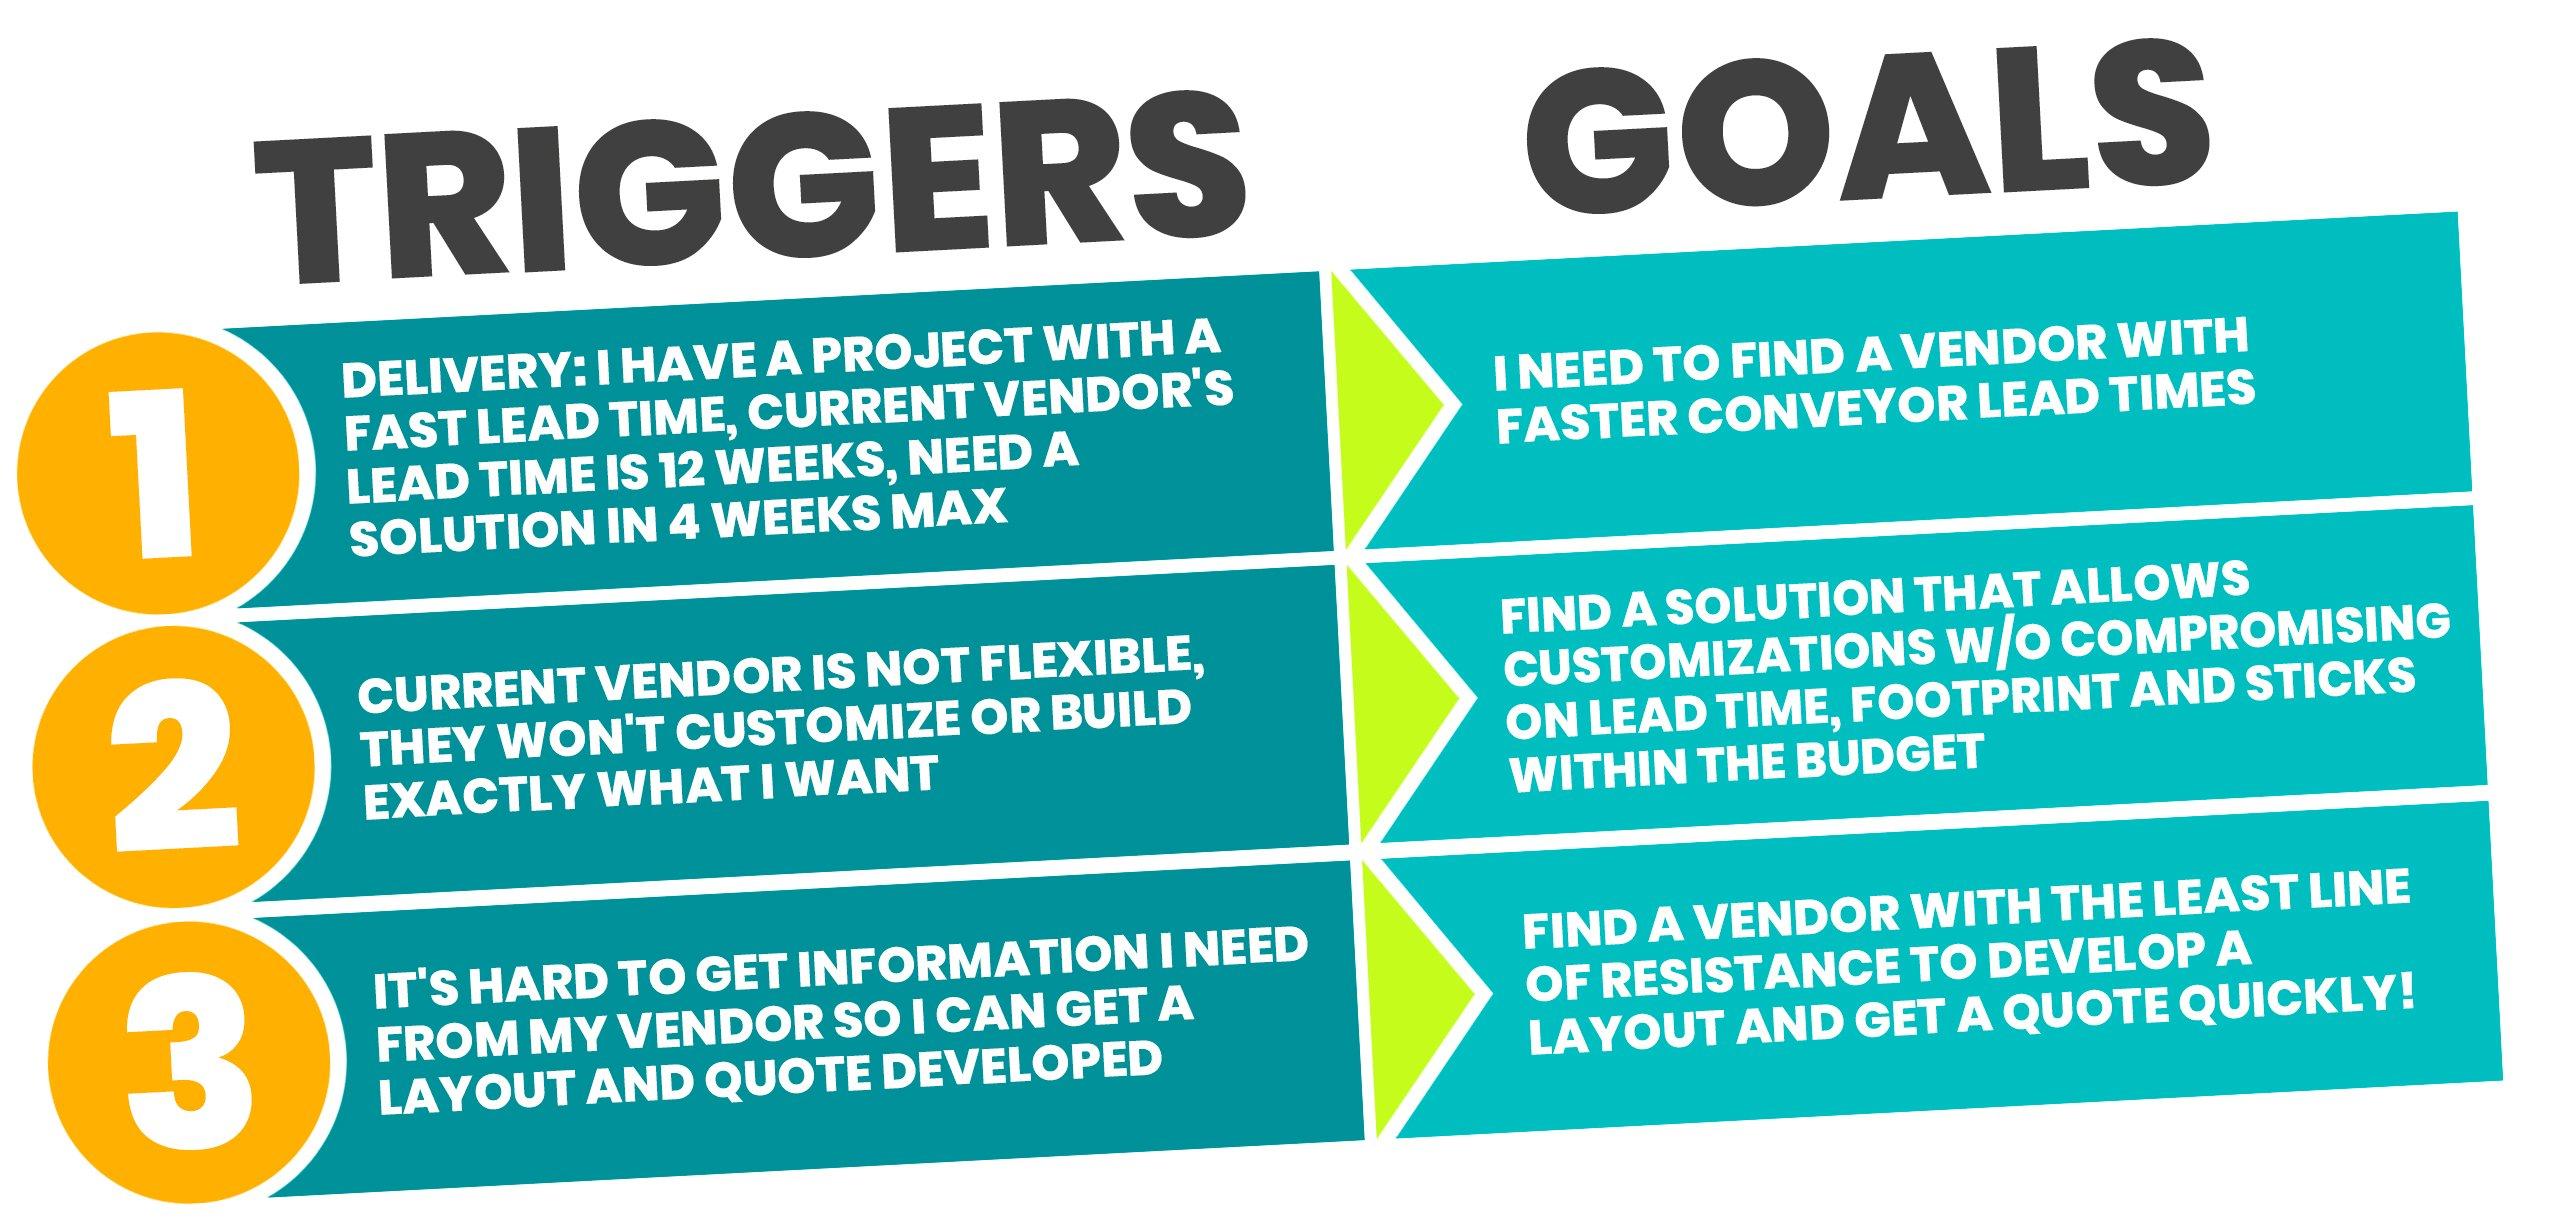 Trigger and Goals